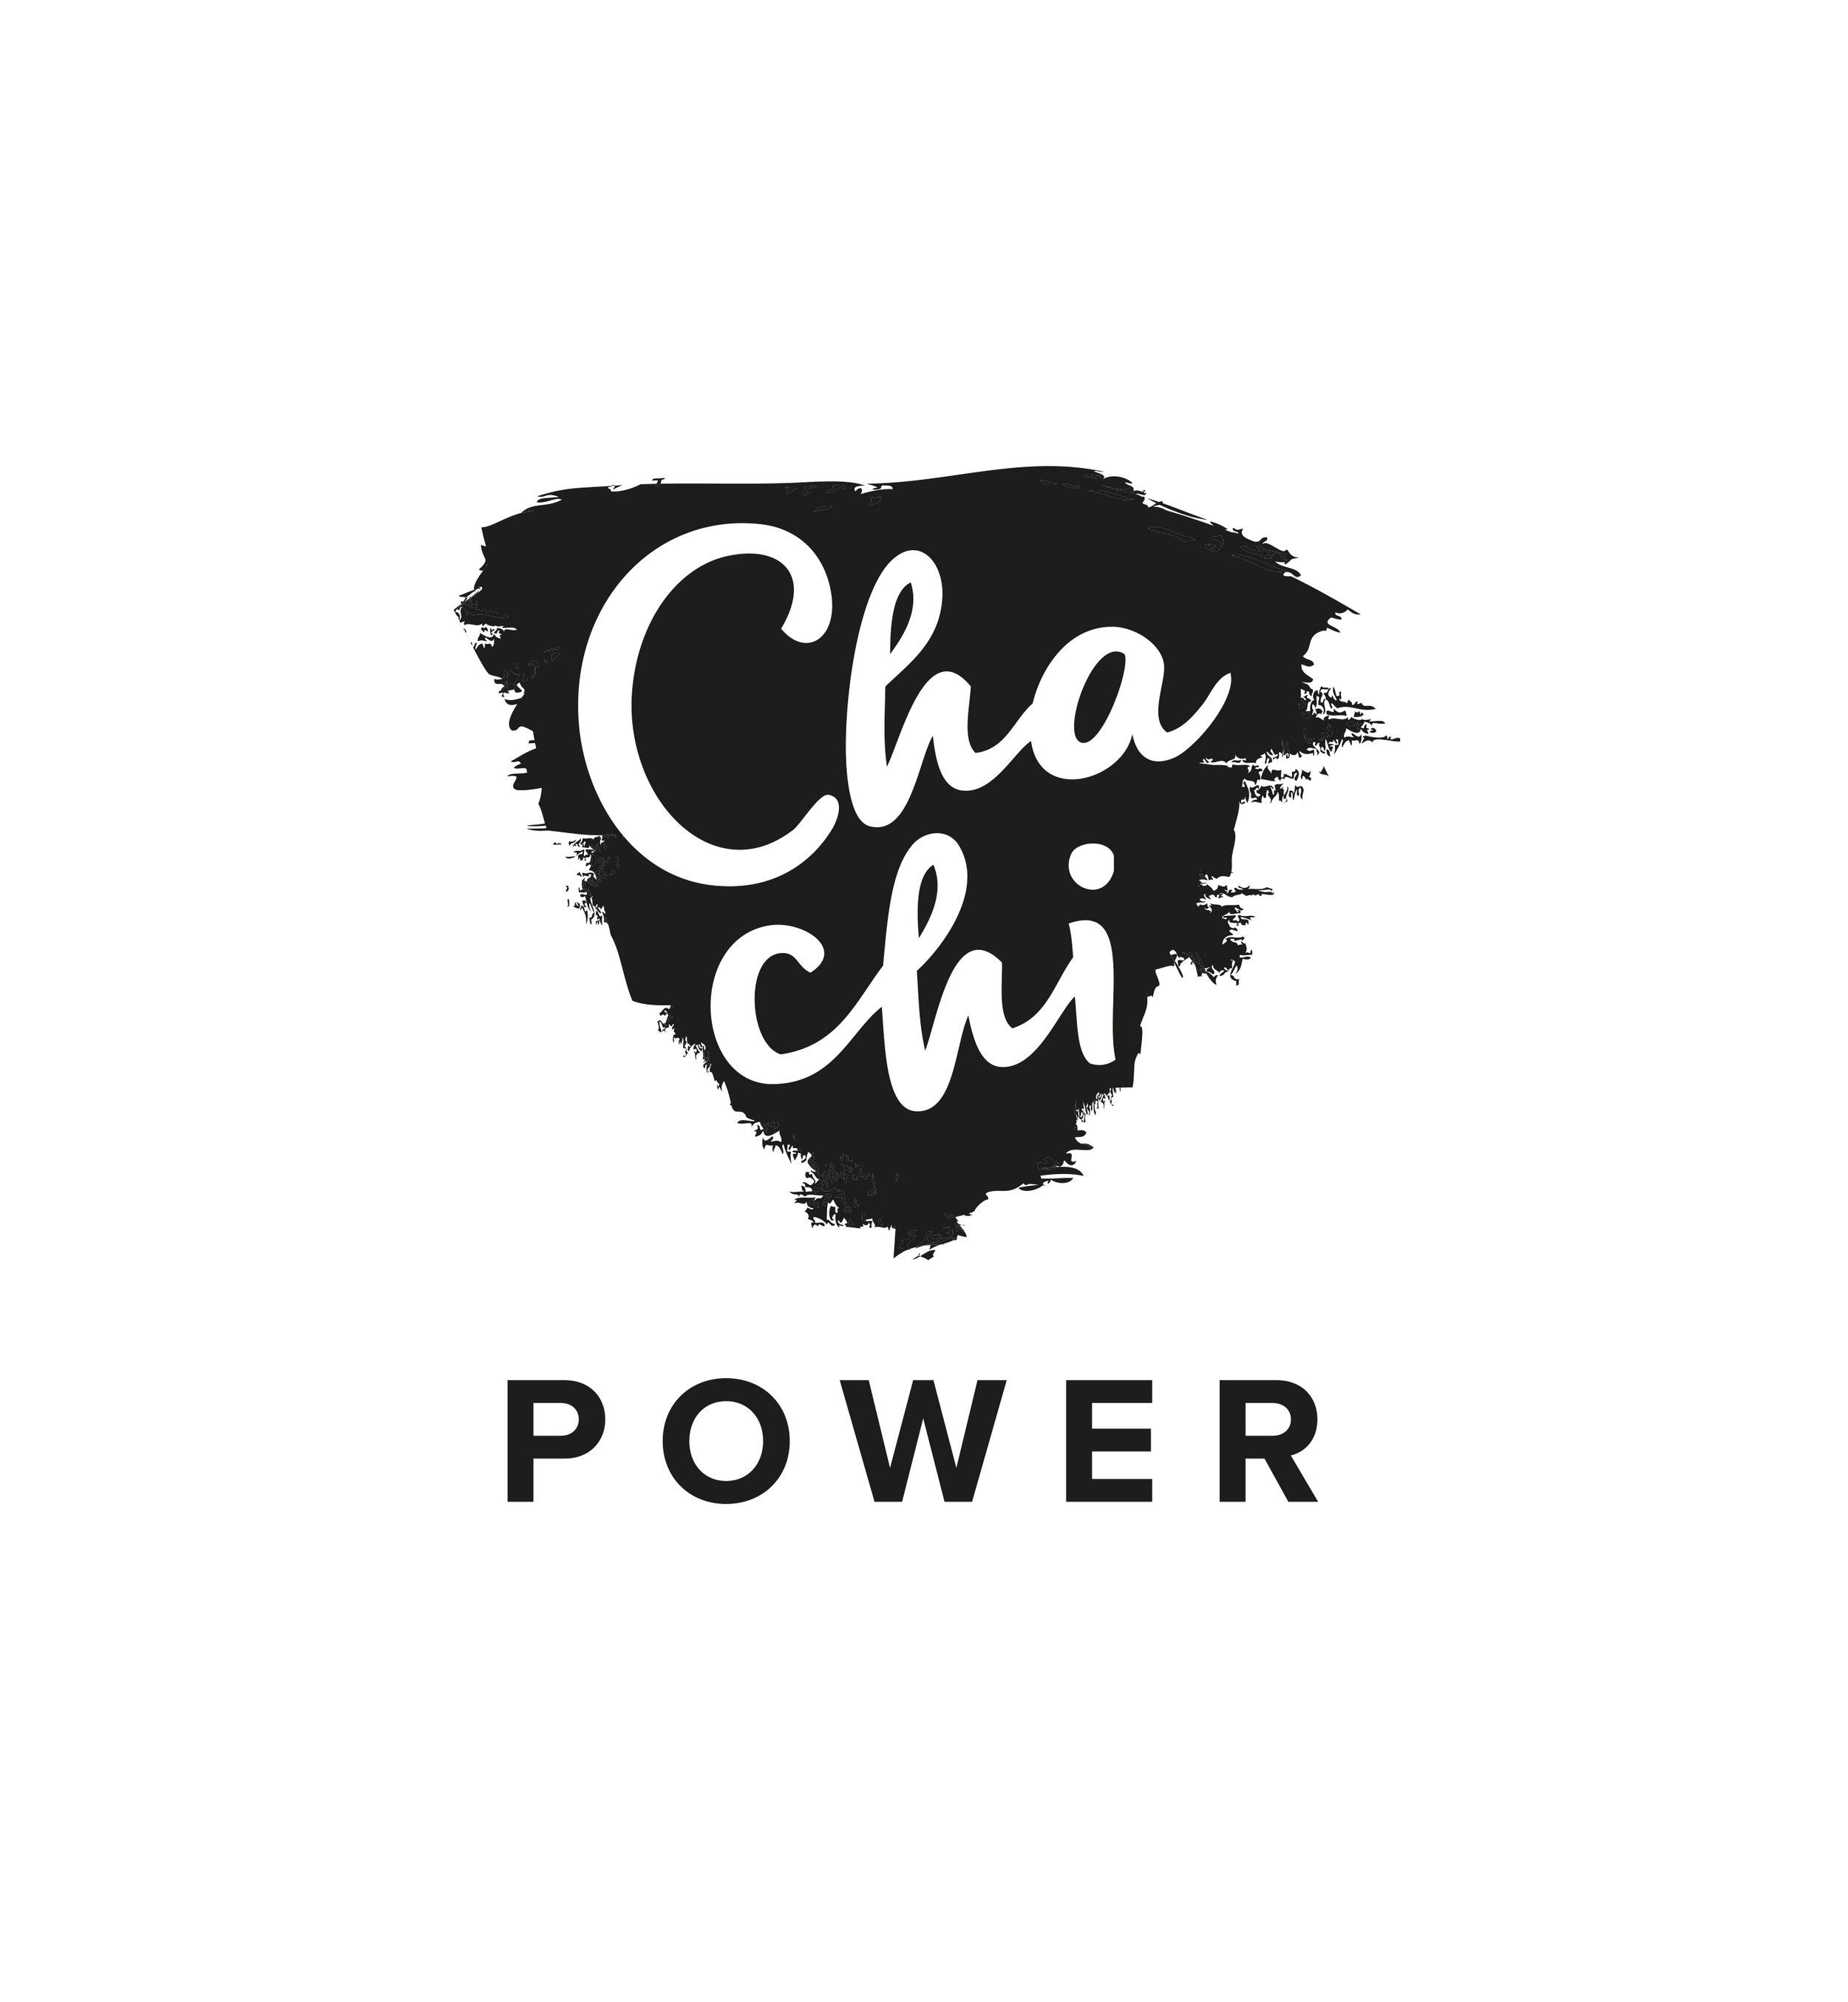 ChachiPower BLACK_extendedBGround (1).jpg